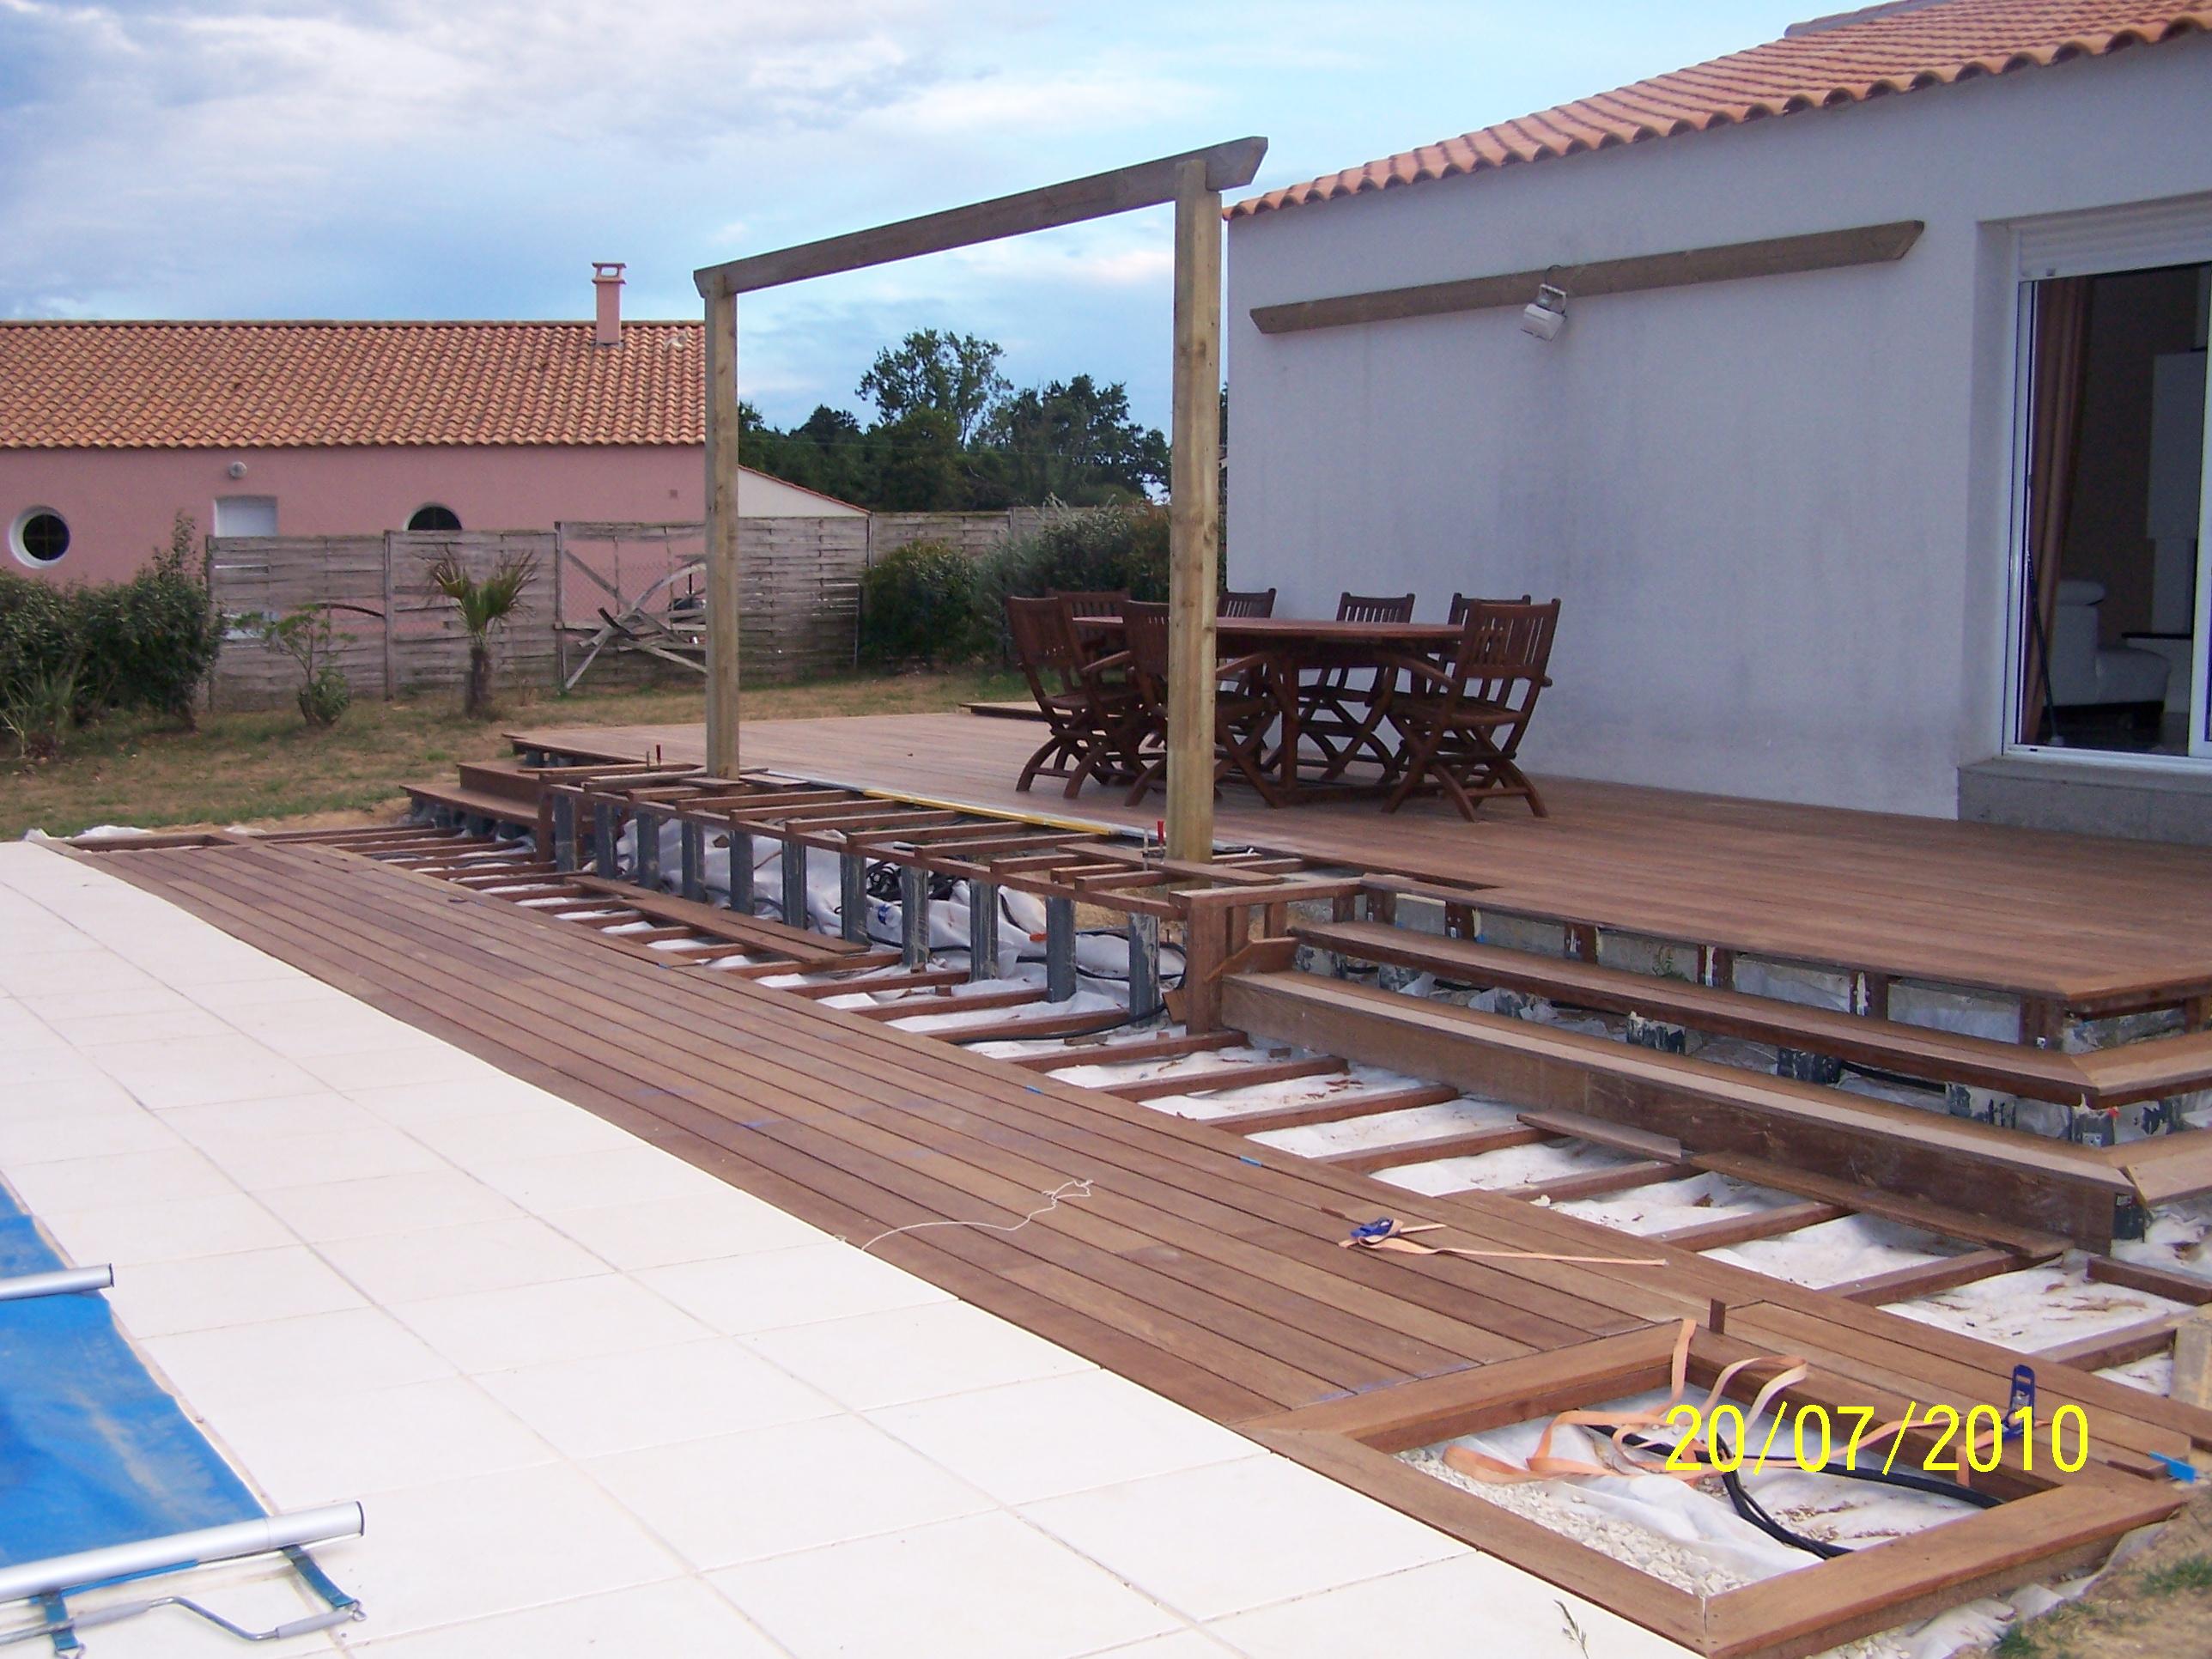 Projet r aliqaton terrasse en ip pergola bois photos for Projet terrasse en 3d